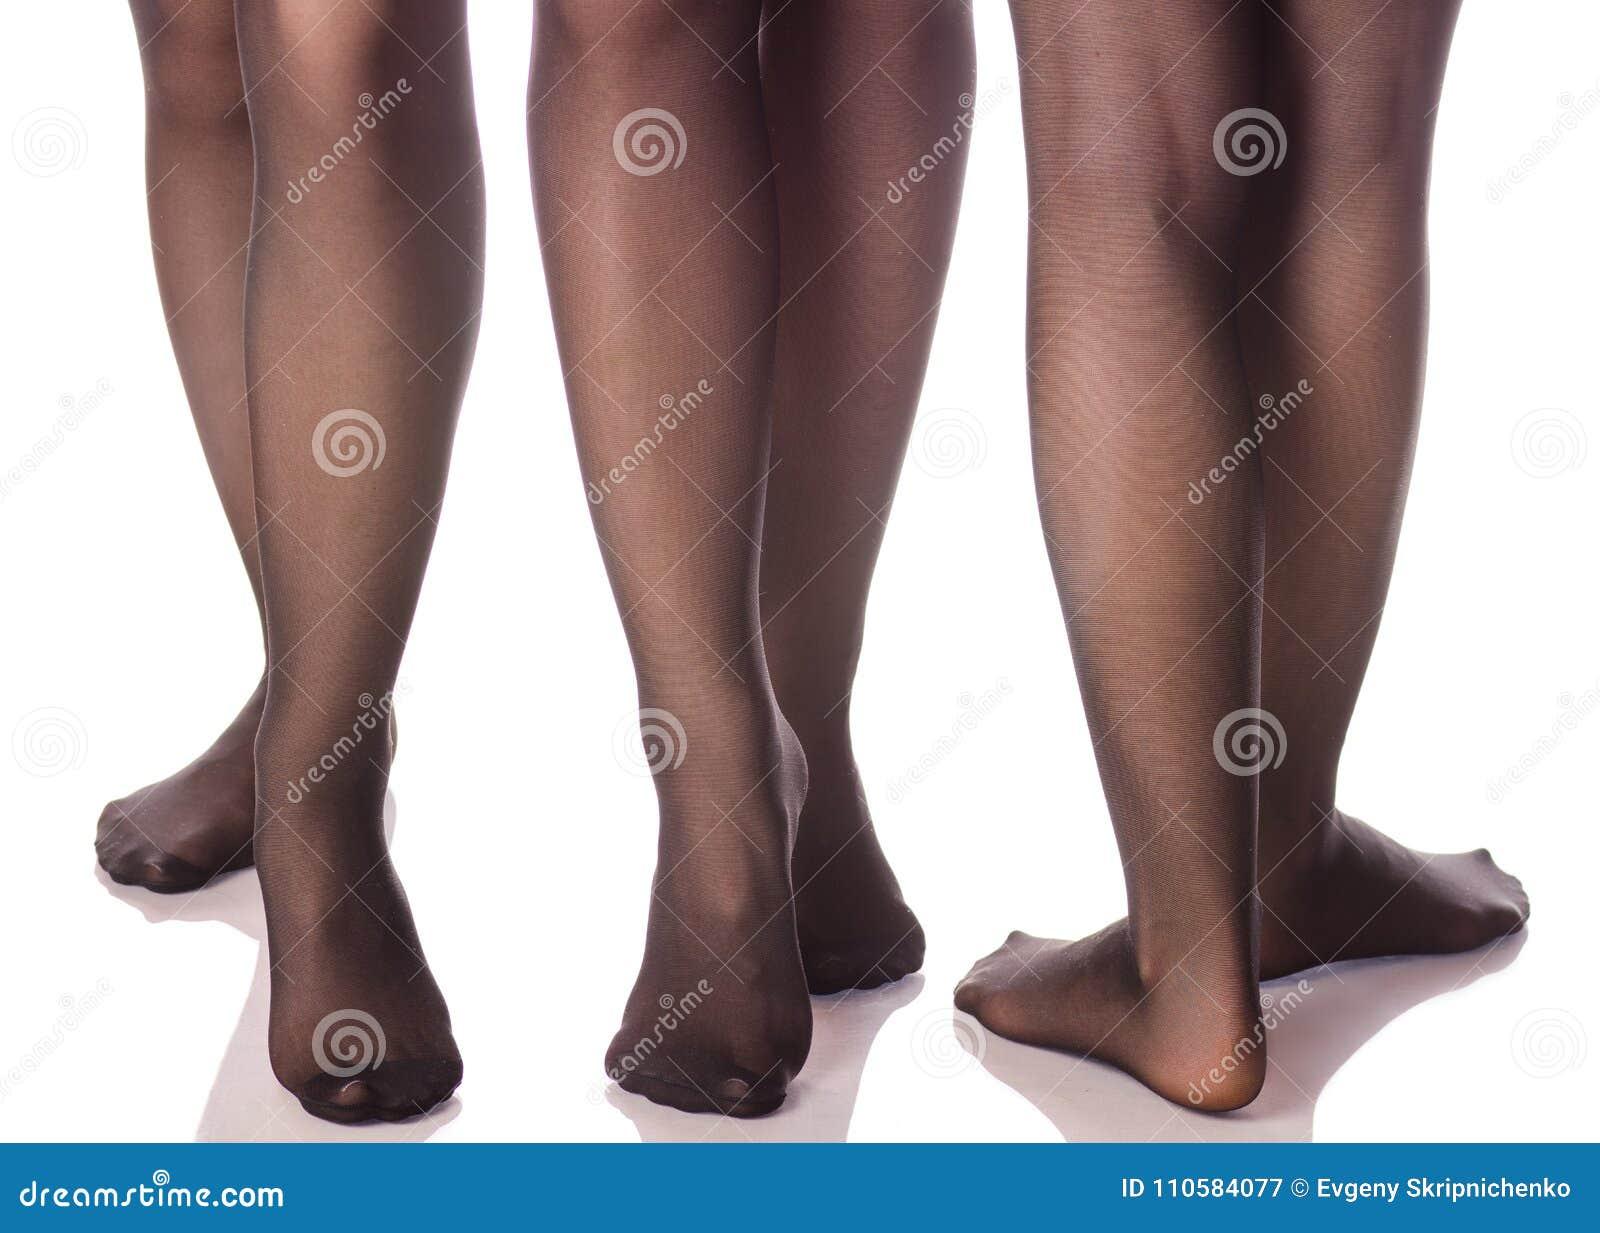 Θηλυκά πόδια στις μαύρες γυναικείες κάλτσες καλσόν από τη διαφορετική  ομορφιά κατευθύνσεων f61a1e306f3